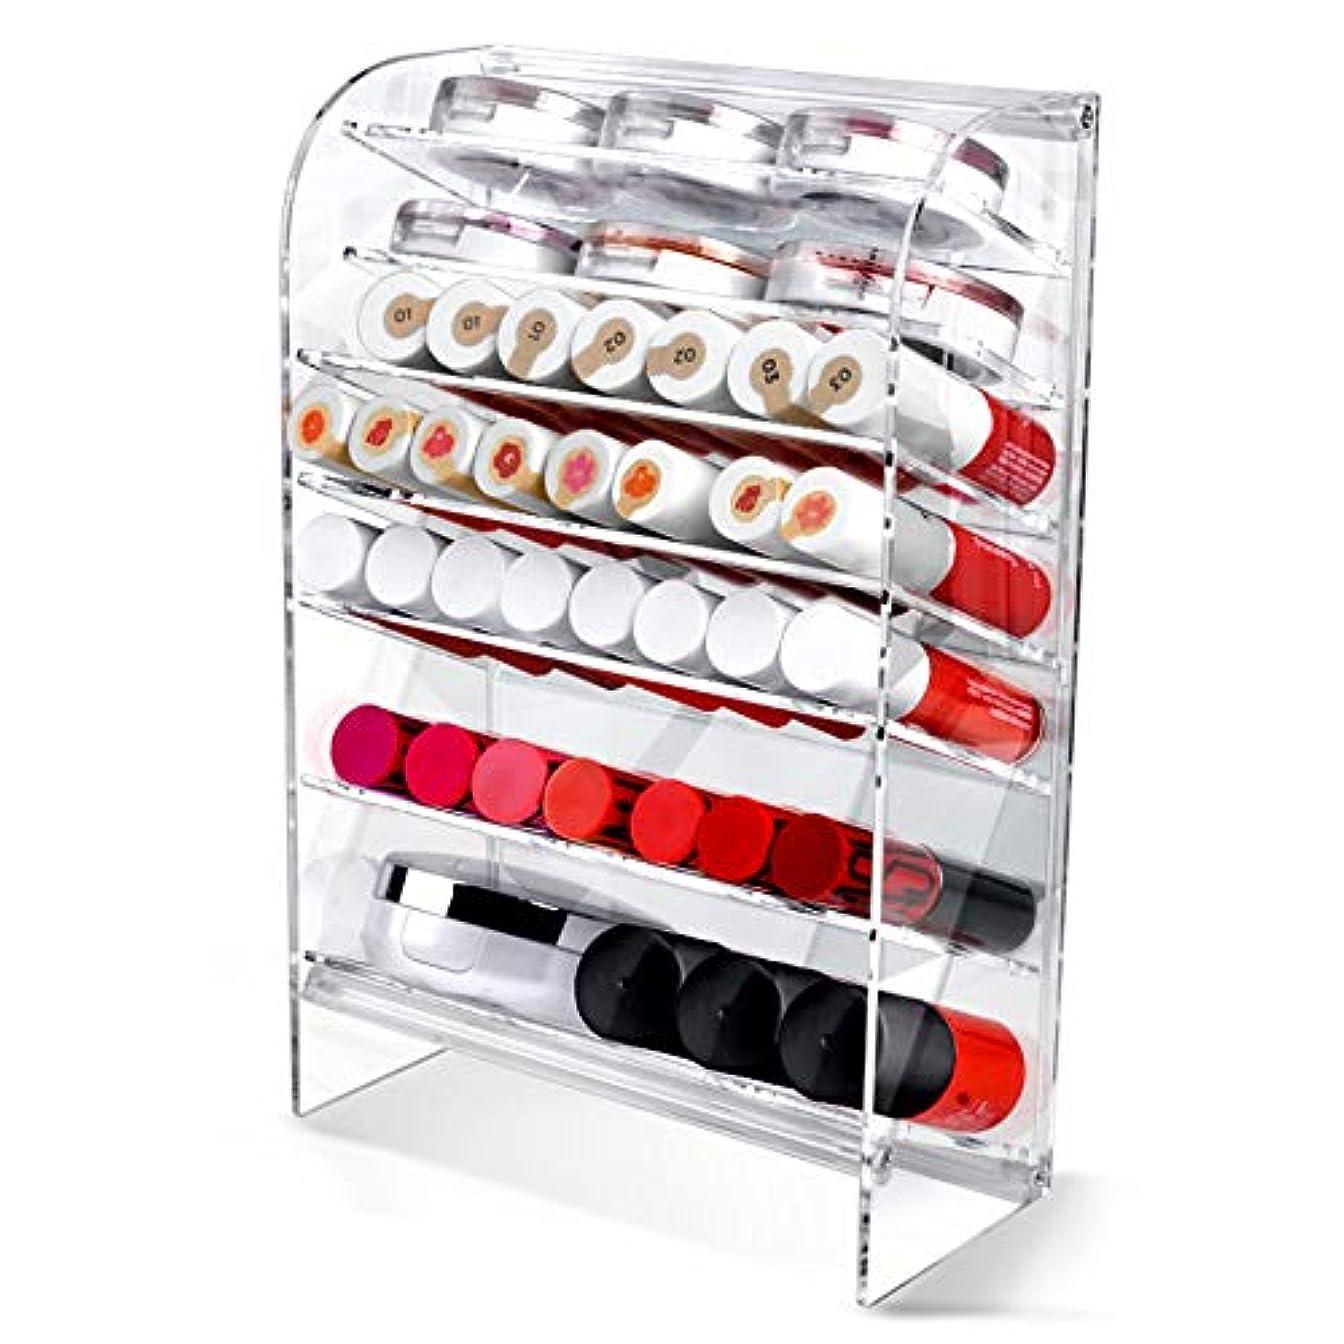 一握り鍔ダブルAcrylic アクリル DIY Cosmetic 透明 コスメケース メイクケース メイクボックス 化粧品 入れ コスメ リップスティック 収納 スタンド/Organizer storage For lipstick make-up [並行輸入品] (TOWER L)